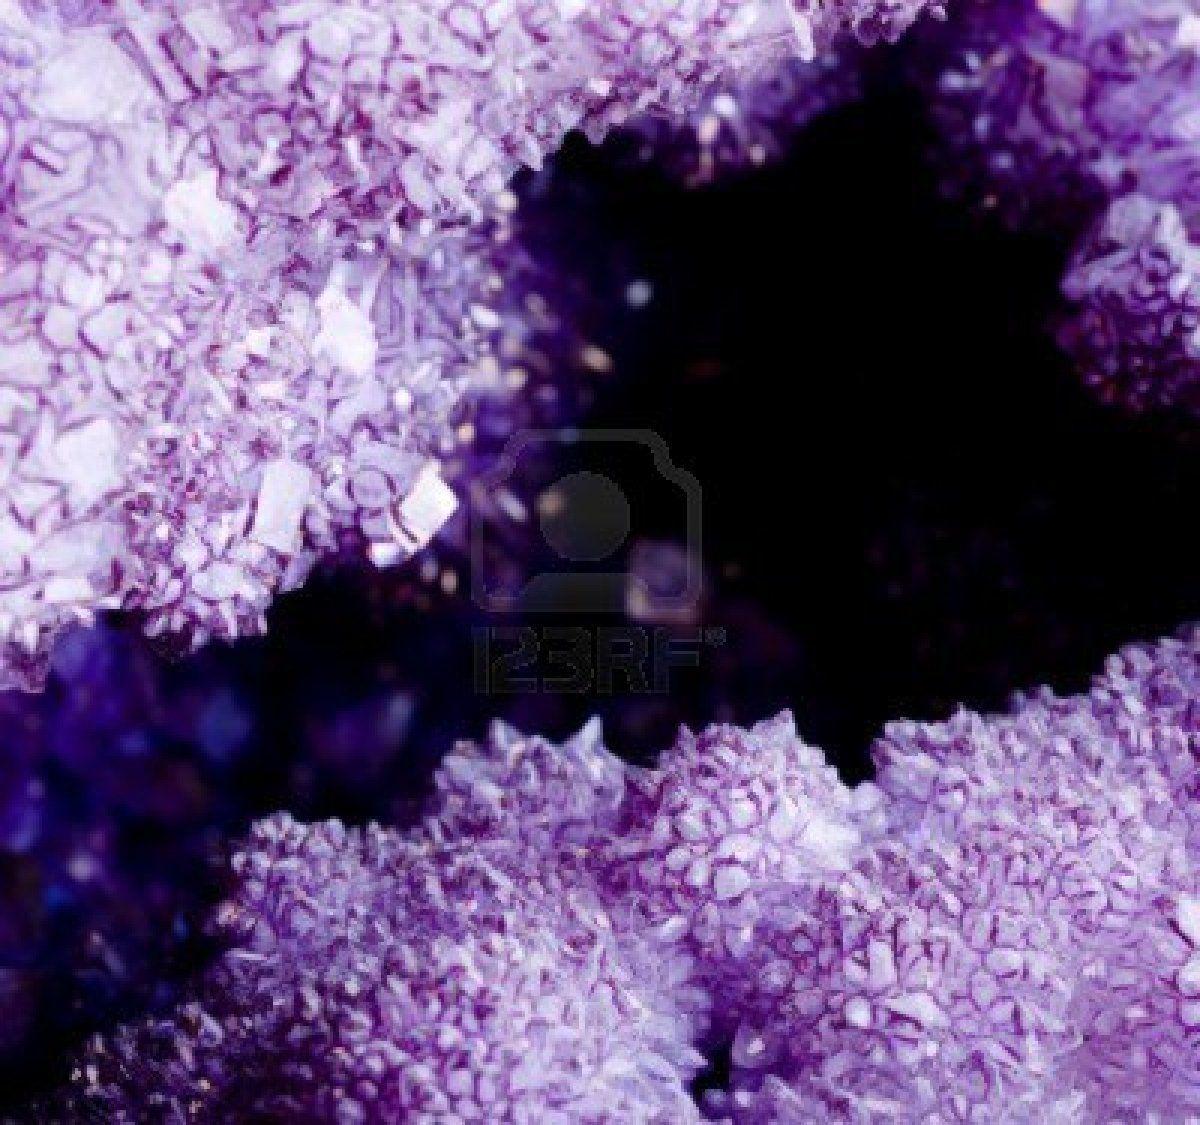 piedra blanca, púrpura cristales de amatista  Foto de archivo